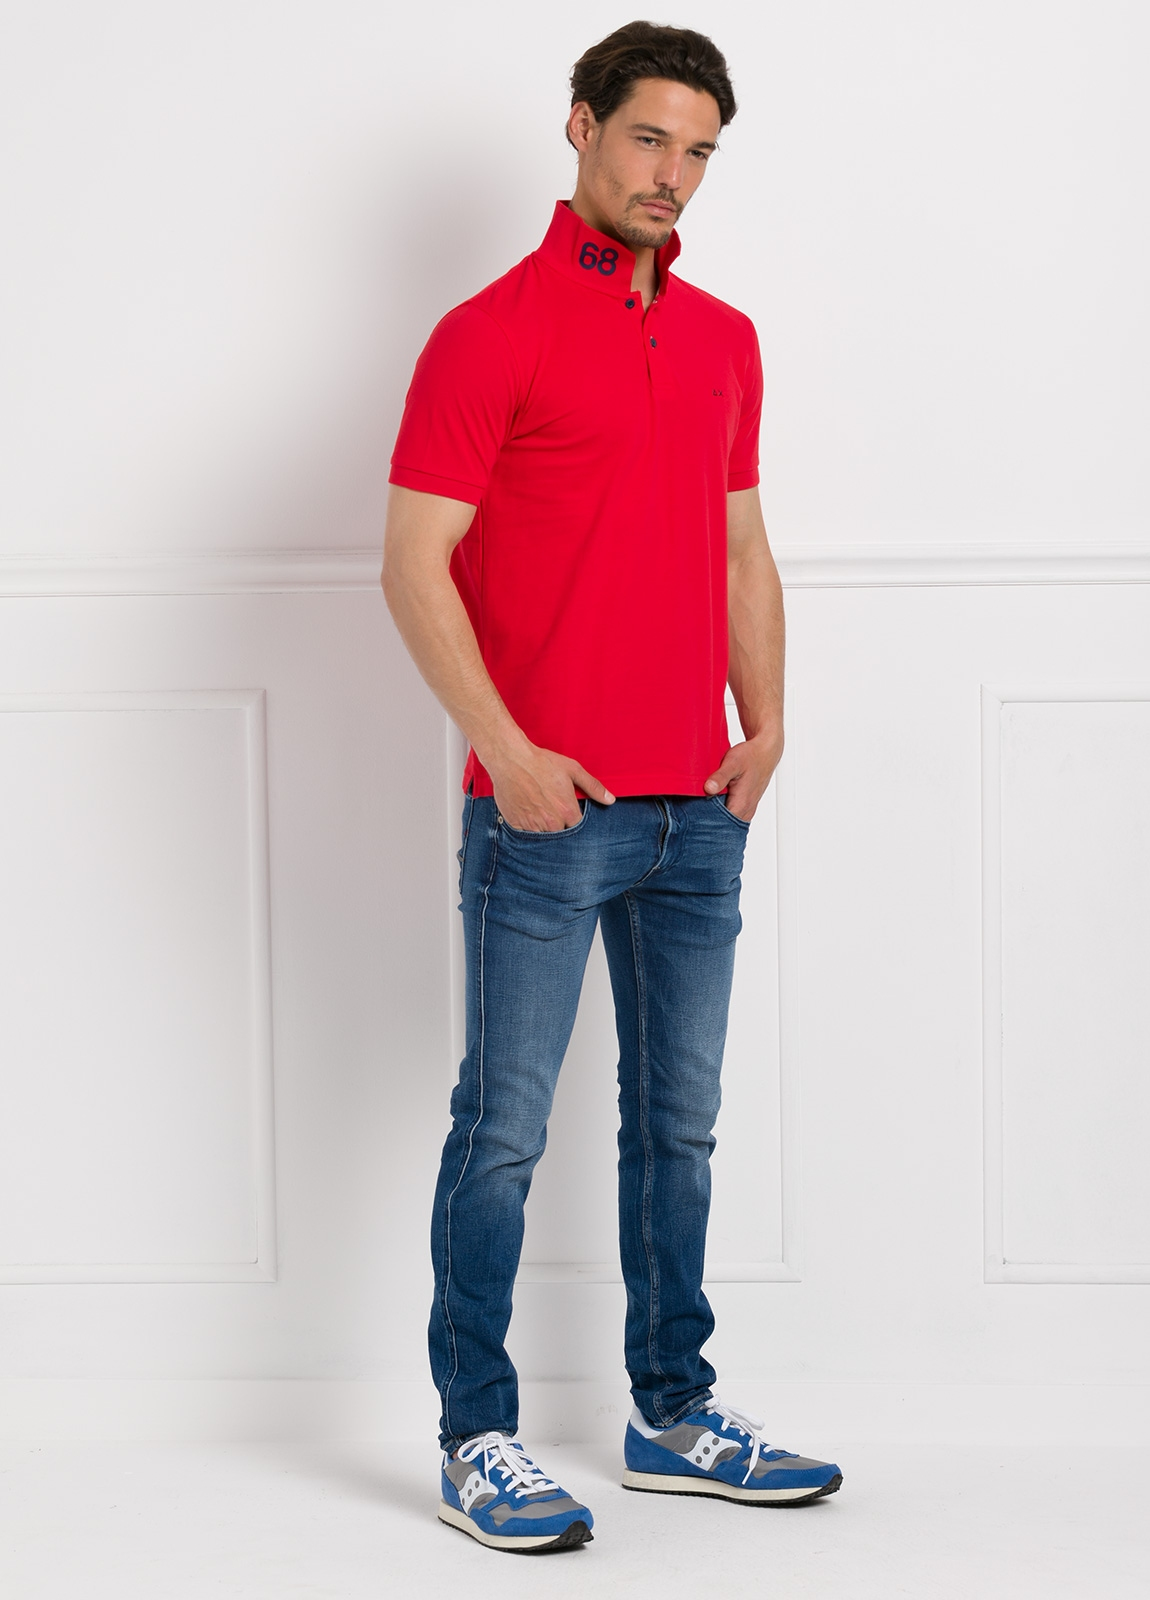 Polo piqué manga corta color rojo, 100% Algodón.